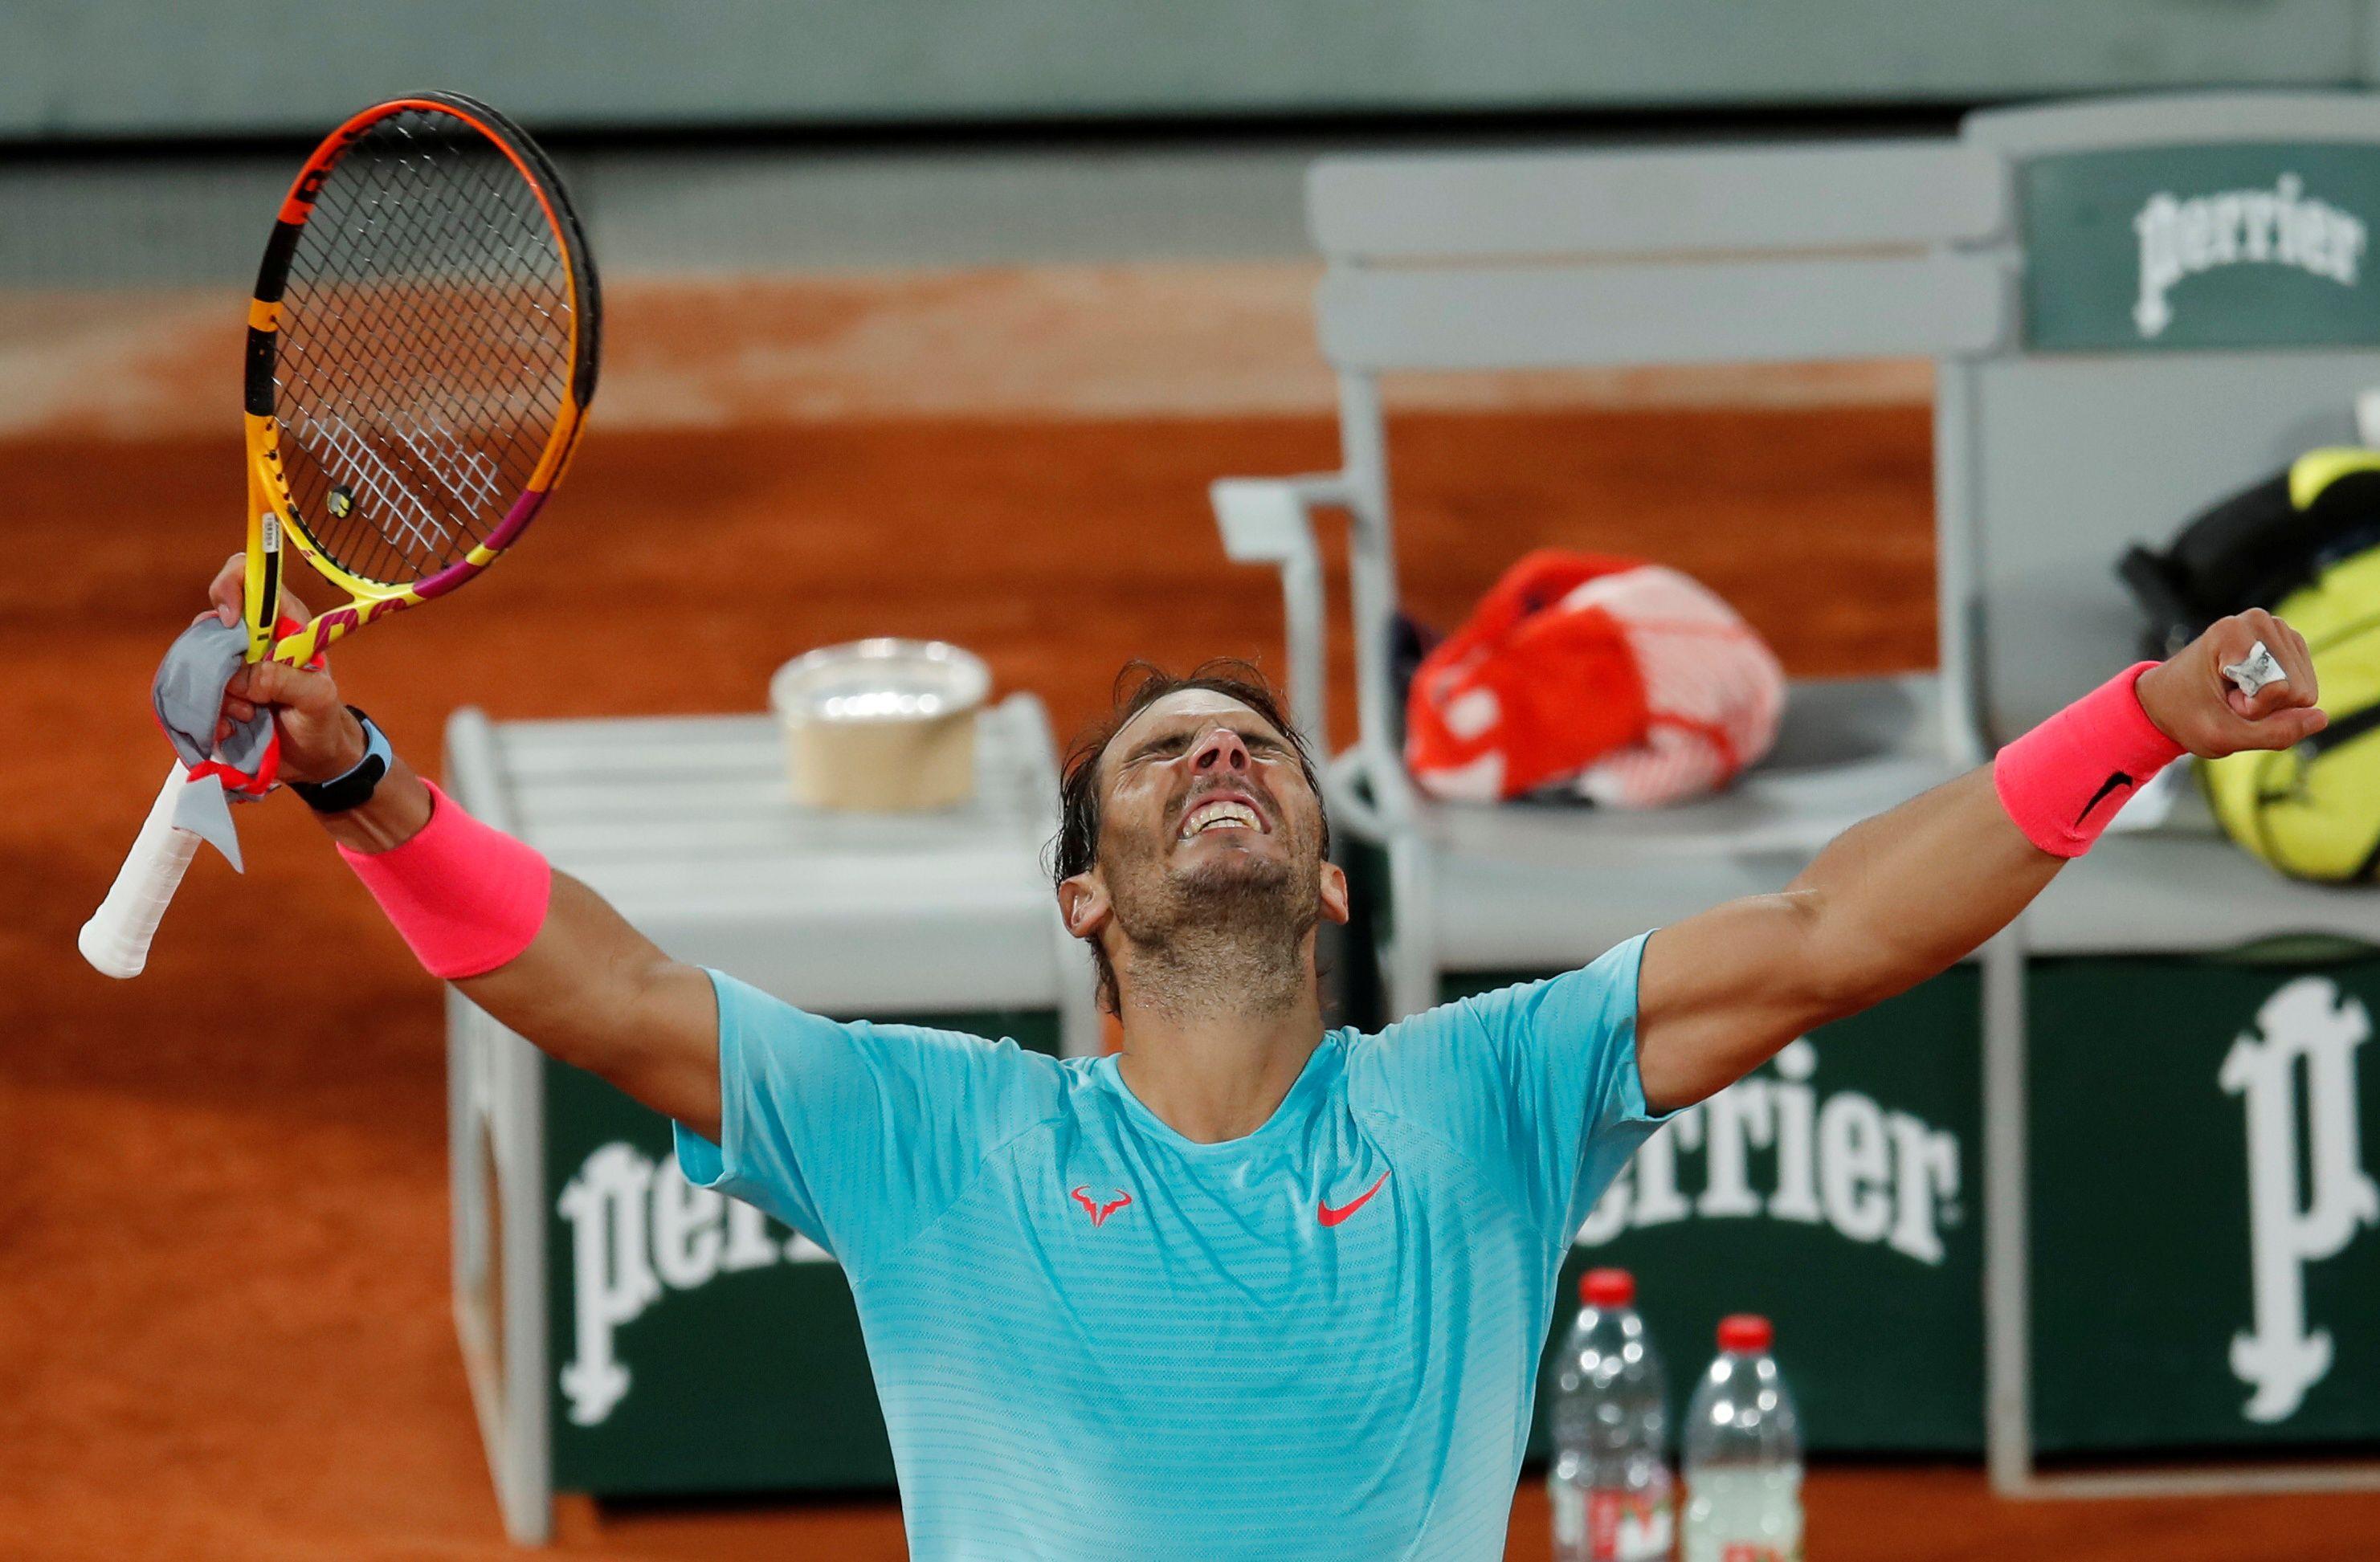 Rafael Nadal celebra su triunfo ante el italiano Jannik Sinner que le permitió acceder a la decimotercera semifinal de Roland Garros de su carrera (REUTERS/Gonzalo Fuentes)